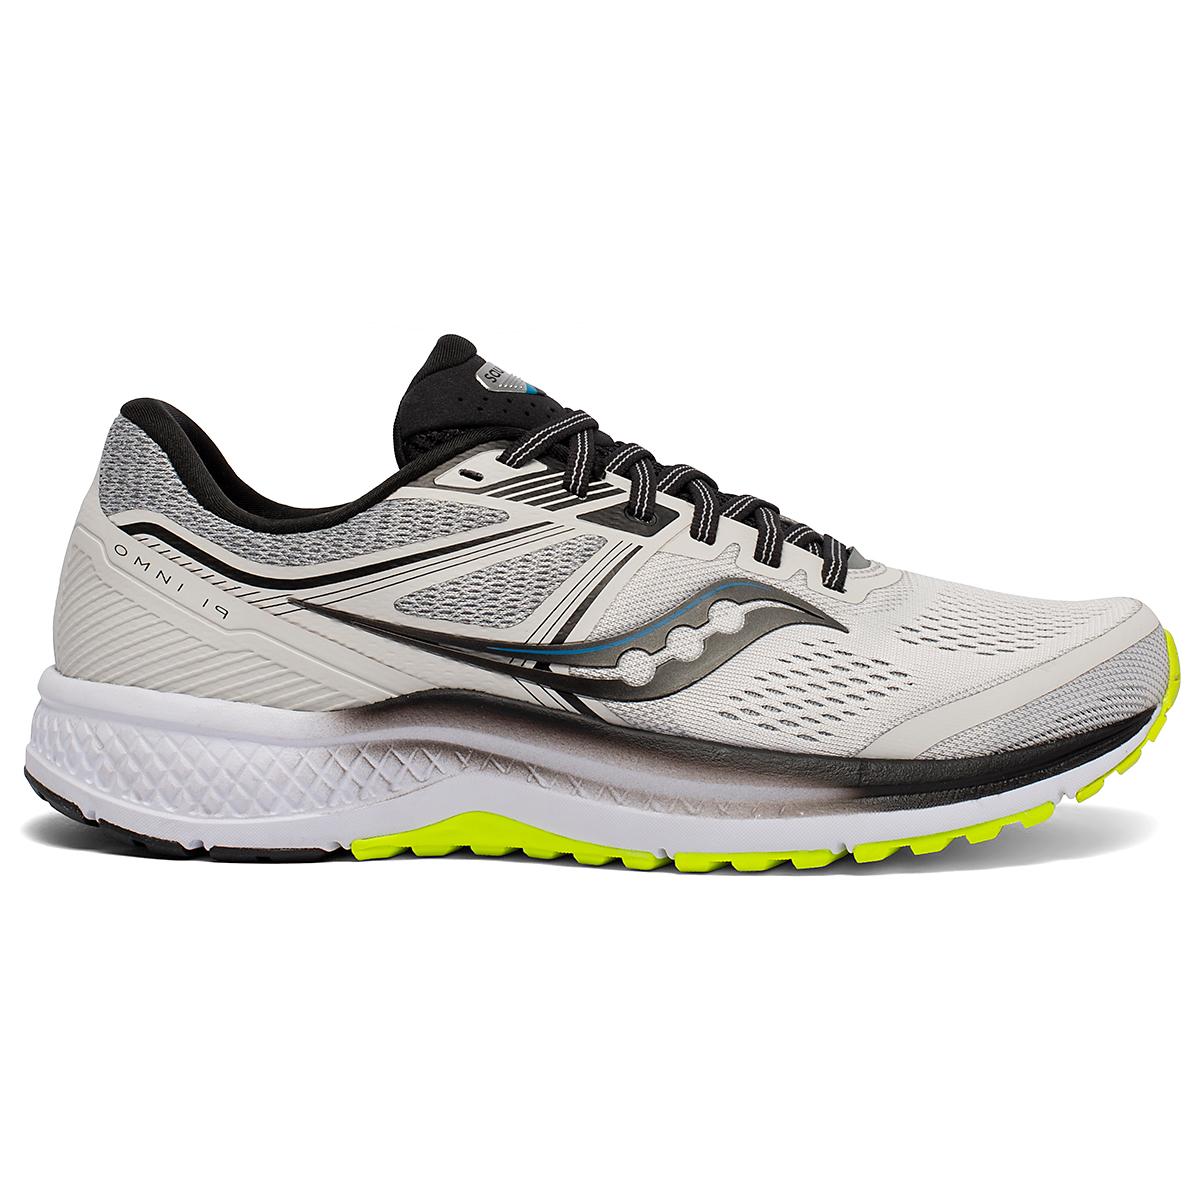 Men's Saucony Omni 19 Running Shoe - Color: Fog/Citrus - Size: 7 - Width: Regular, Fog/Citrus, large, image 1